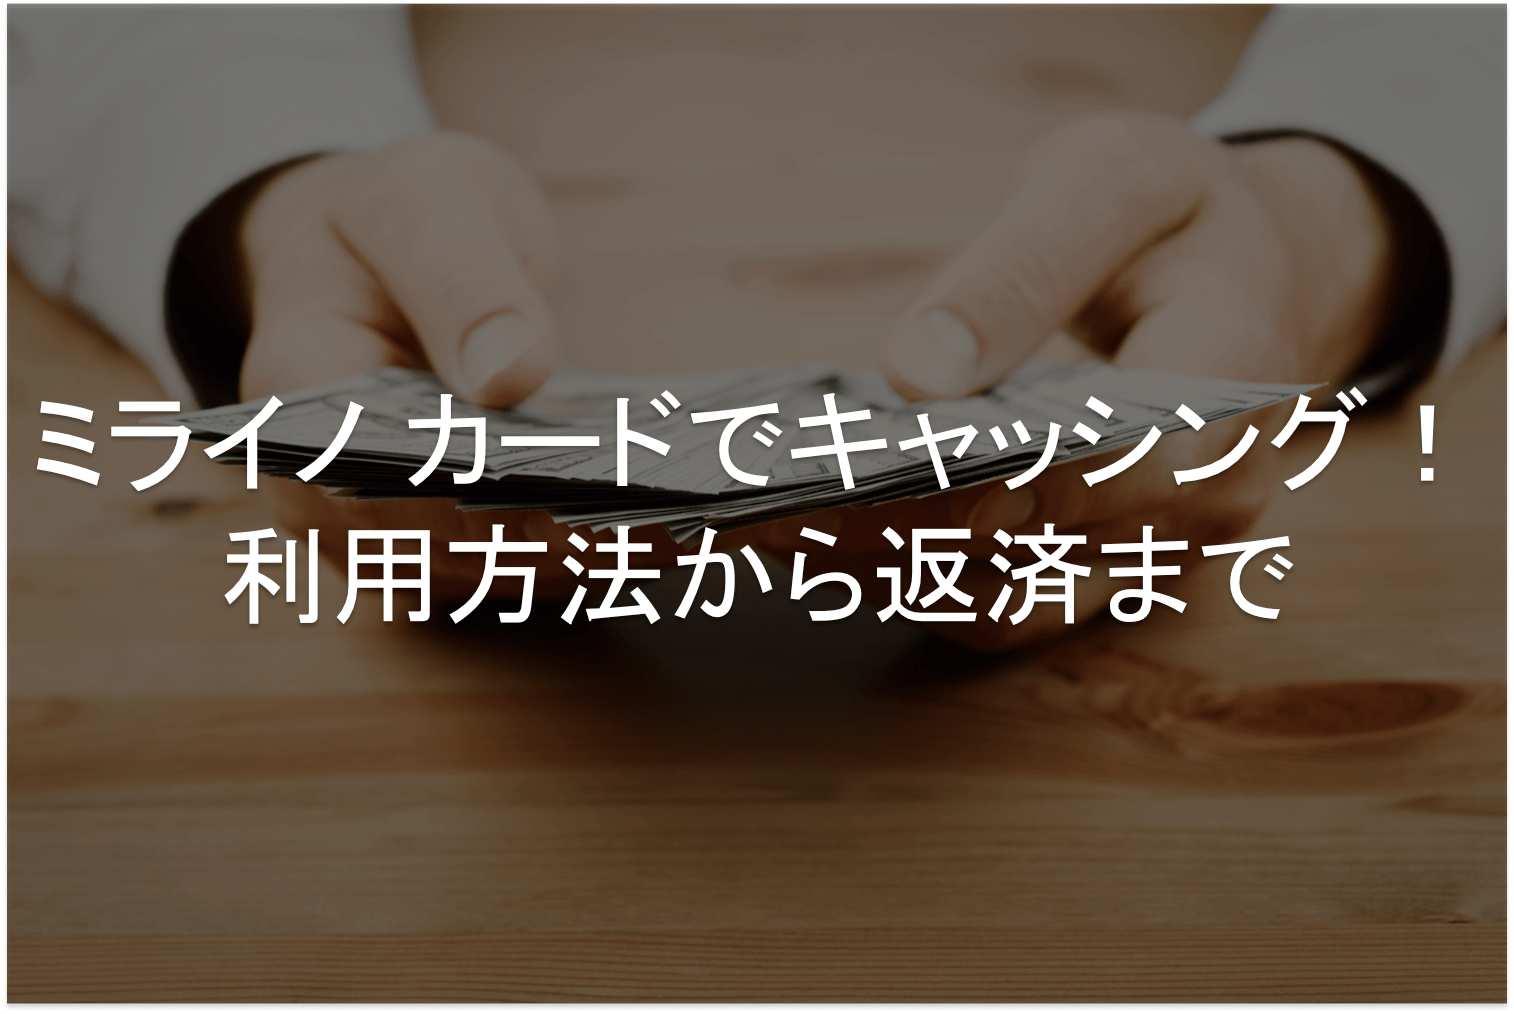 ミライノ カード キャッシング